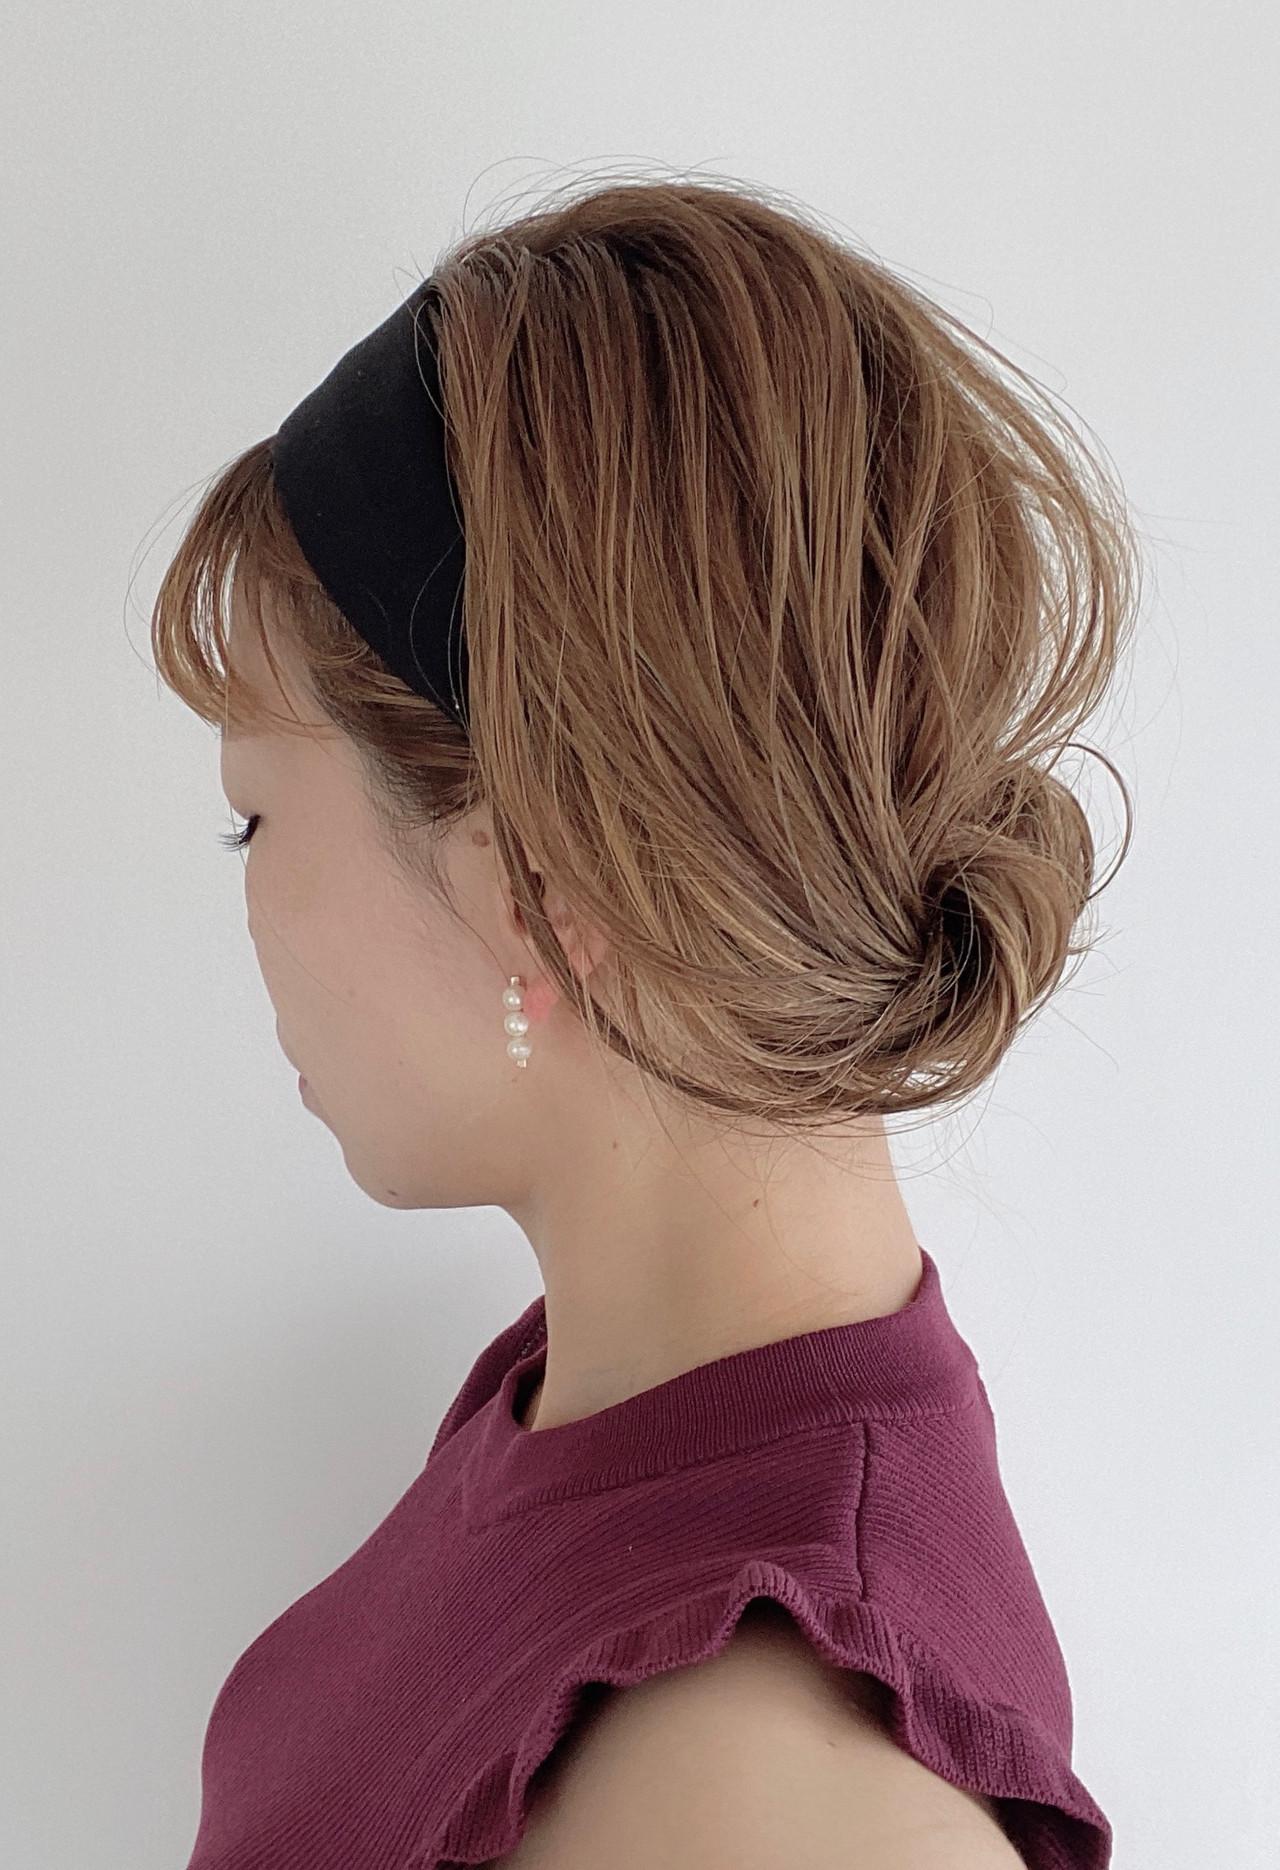 アップ セルフヘアアレンジ 簡単ヘアアレンジ ミディアム ヘアスタイルや髪型の写真・画像